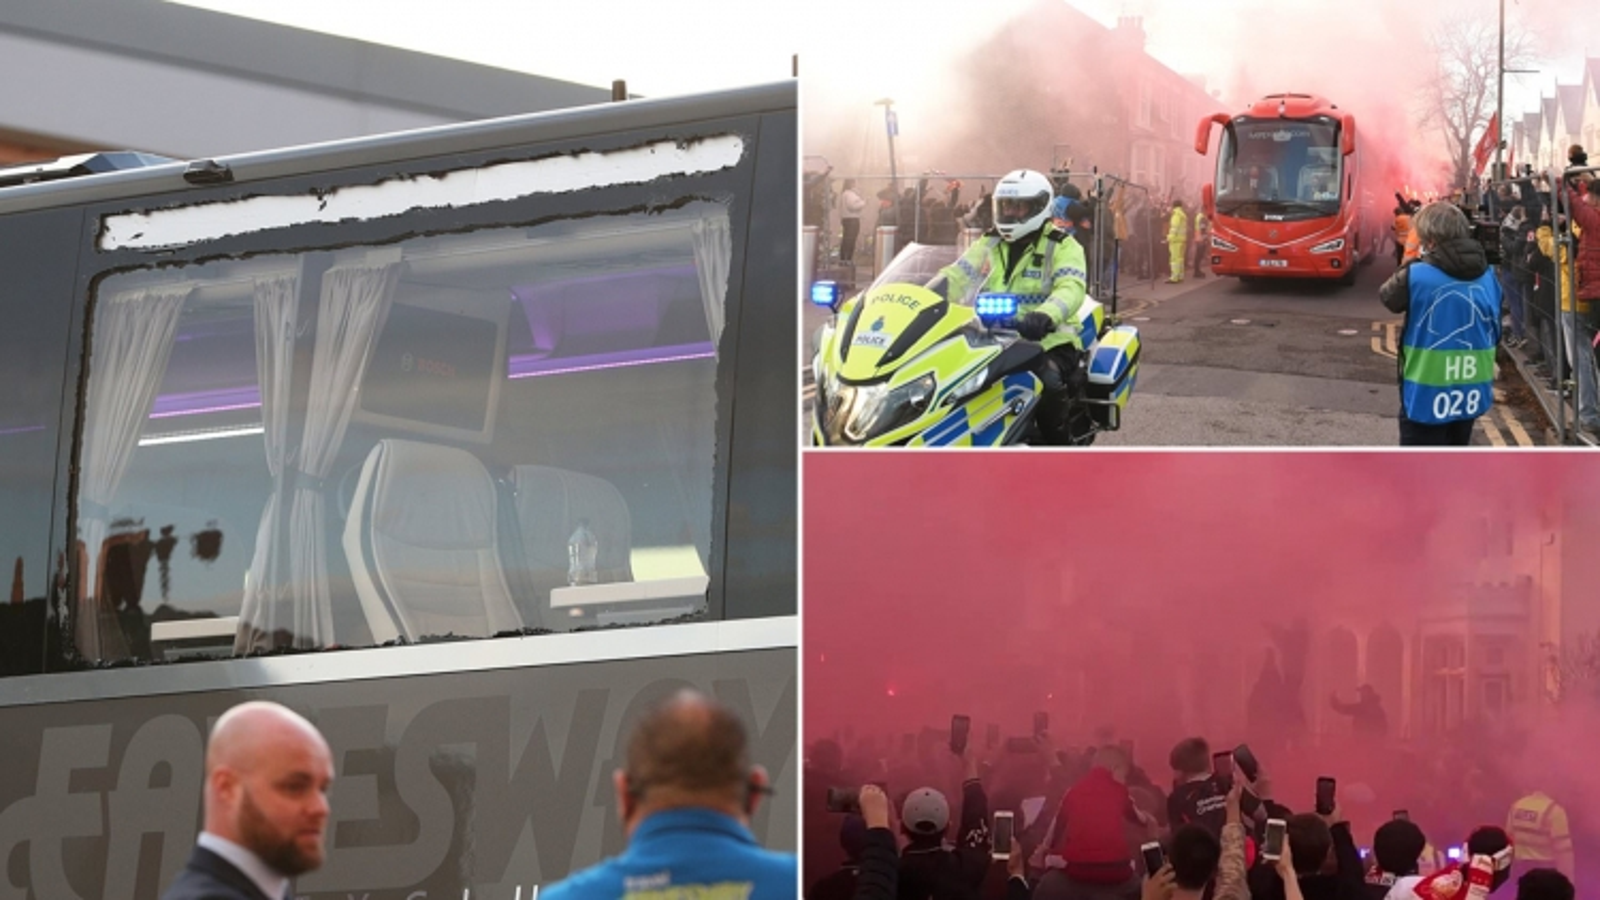 Xe bus chở Real Madrid bị fan cuồng Liverpool ném vỡ cửa kính